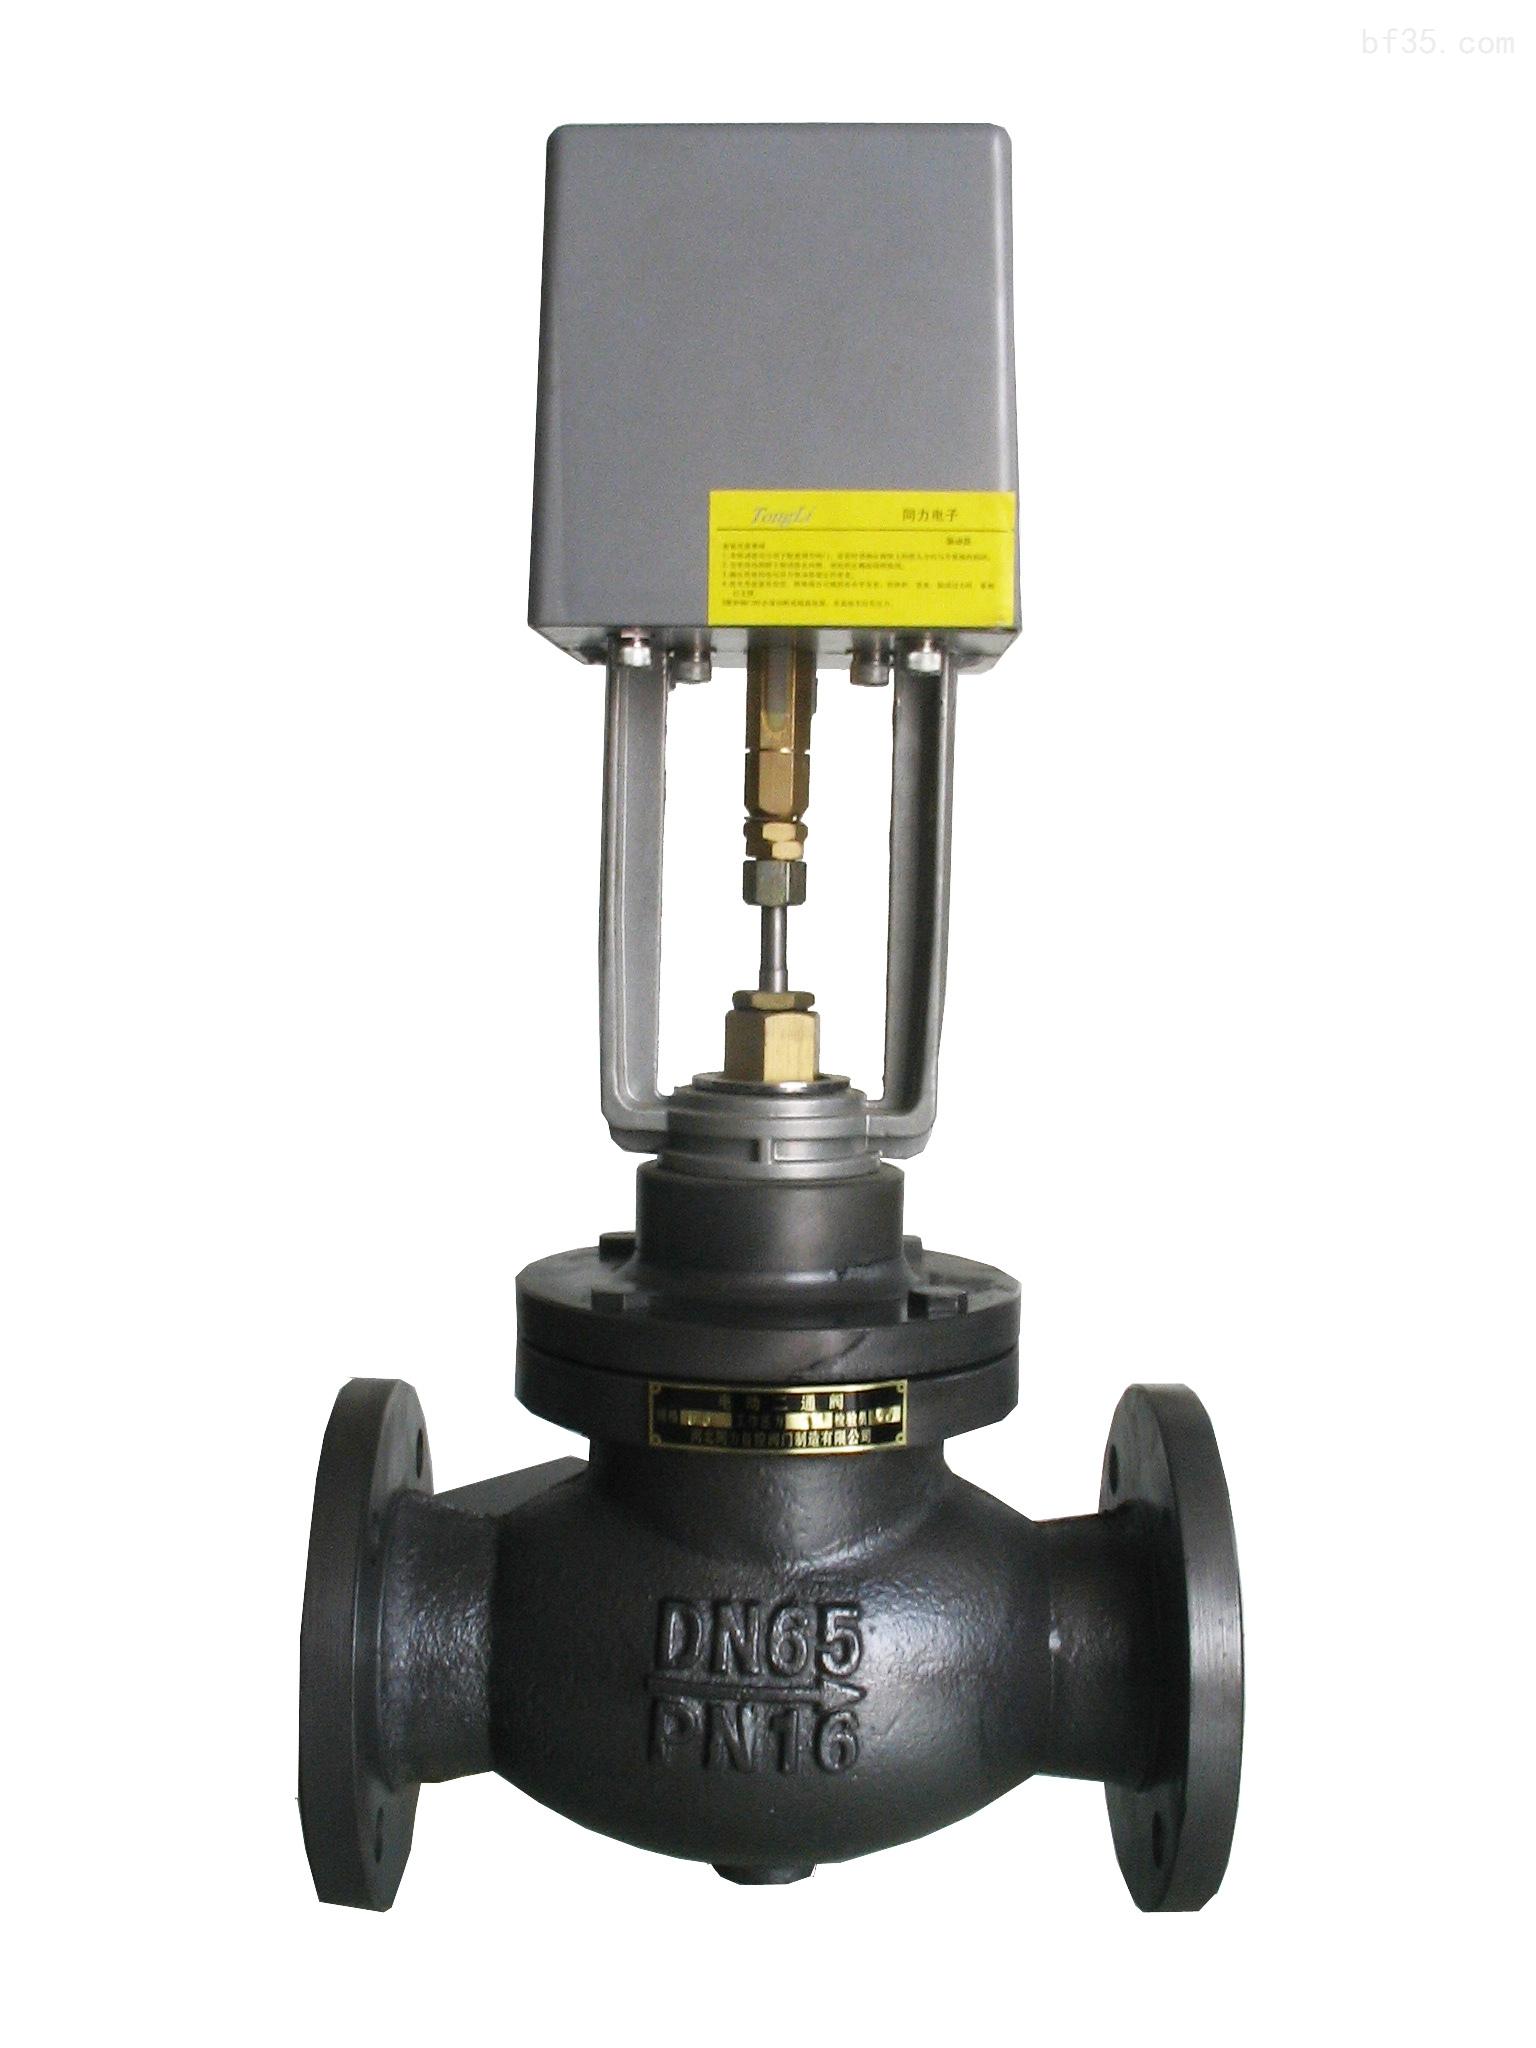 svb7200 电动二通阀|电动二通调节阀|比例积分电动二通阀图片